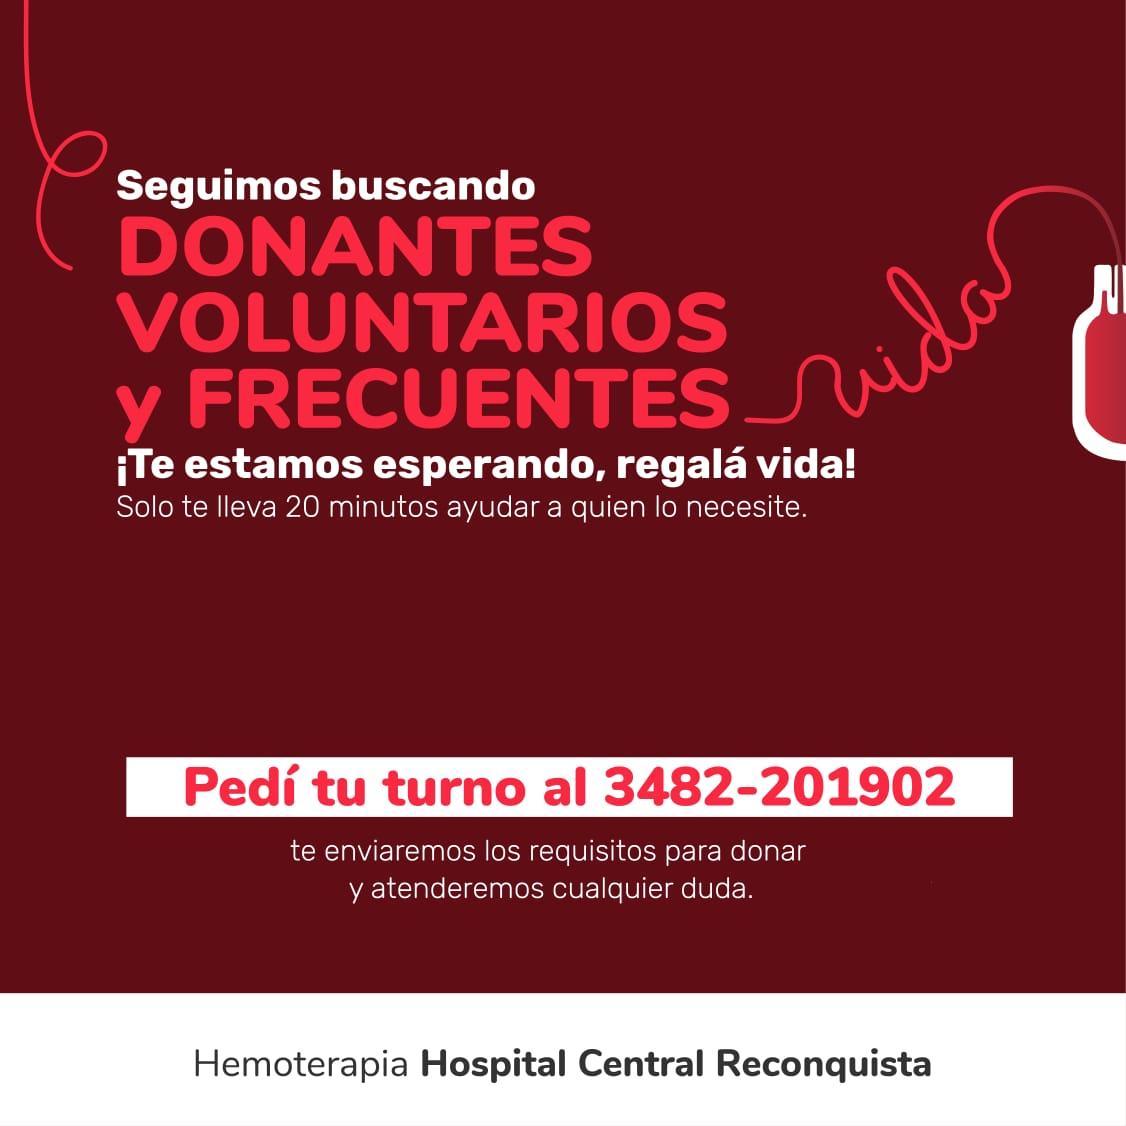 El Hospital Central Reconquista solicita donantes de sangre con urgencia